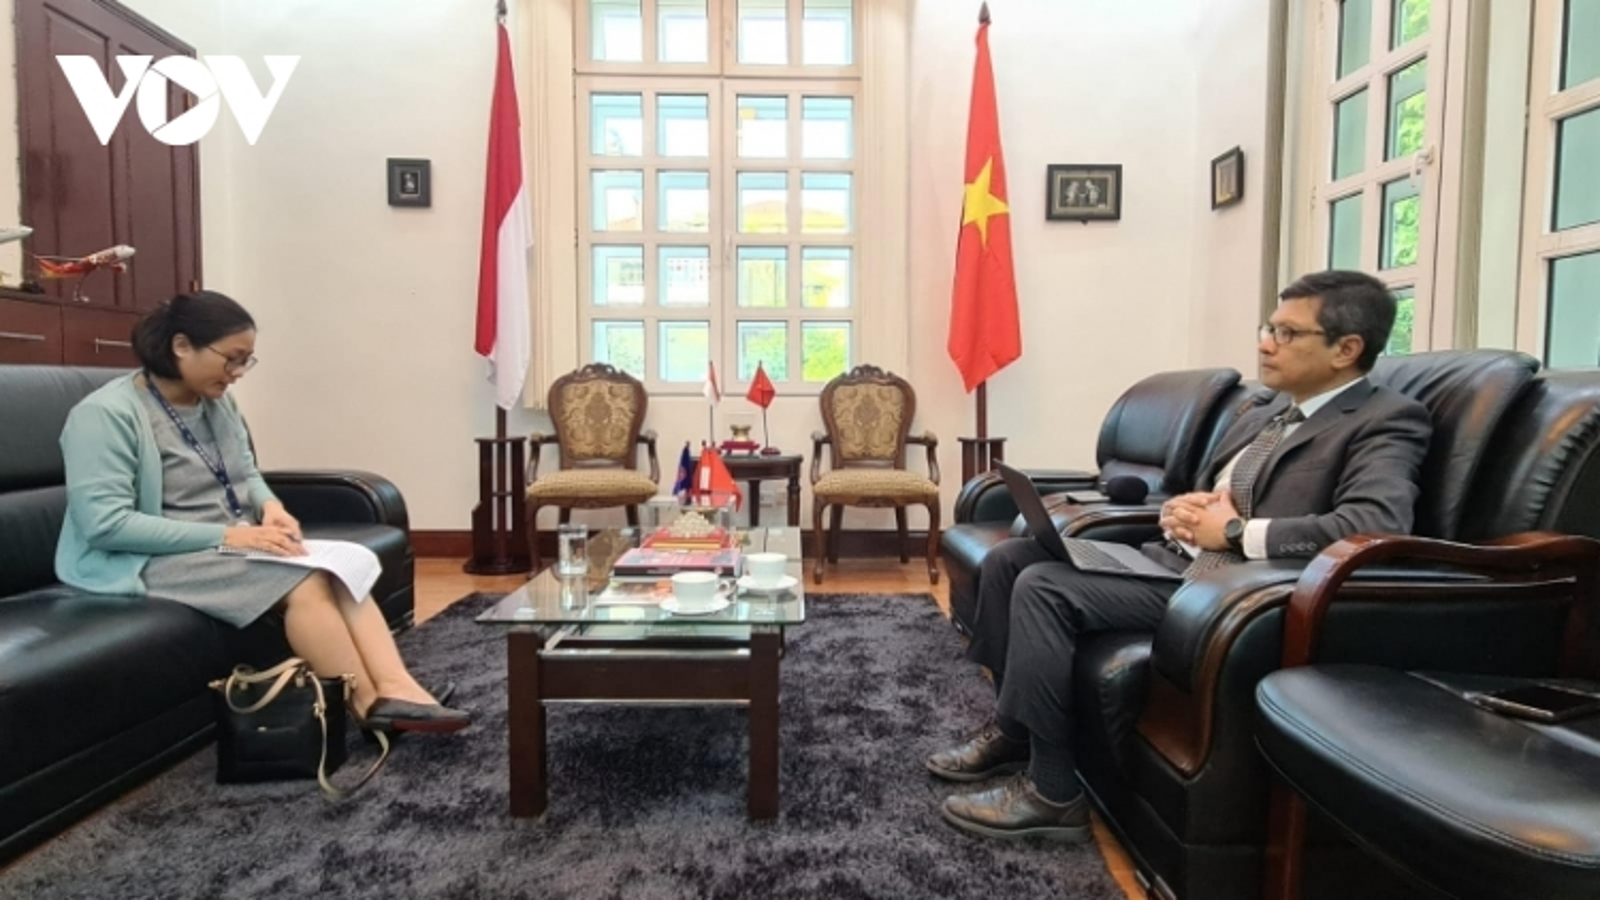 Hội hữu nghị Việt Nam - Indonesia có vai trò quan trọng thúc đẩy quan hệ hai nước